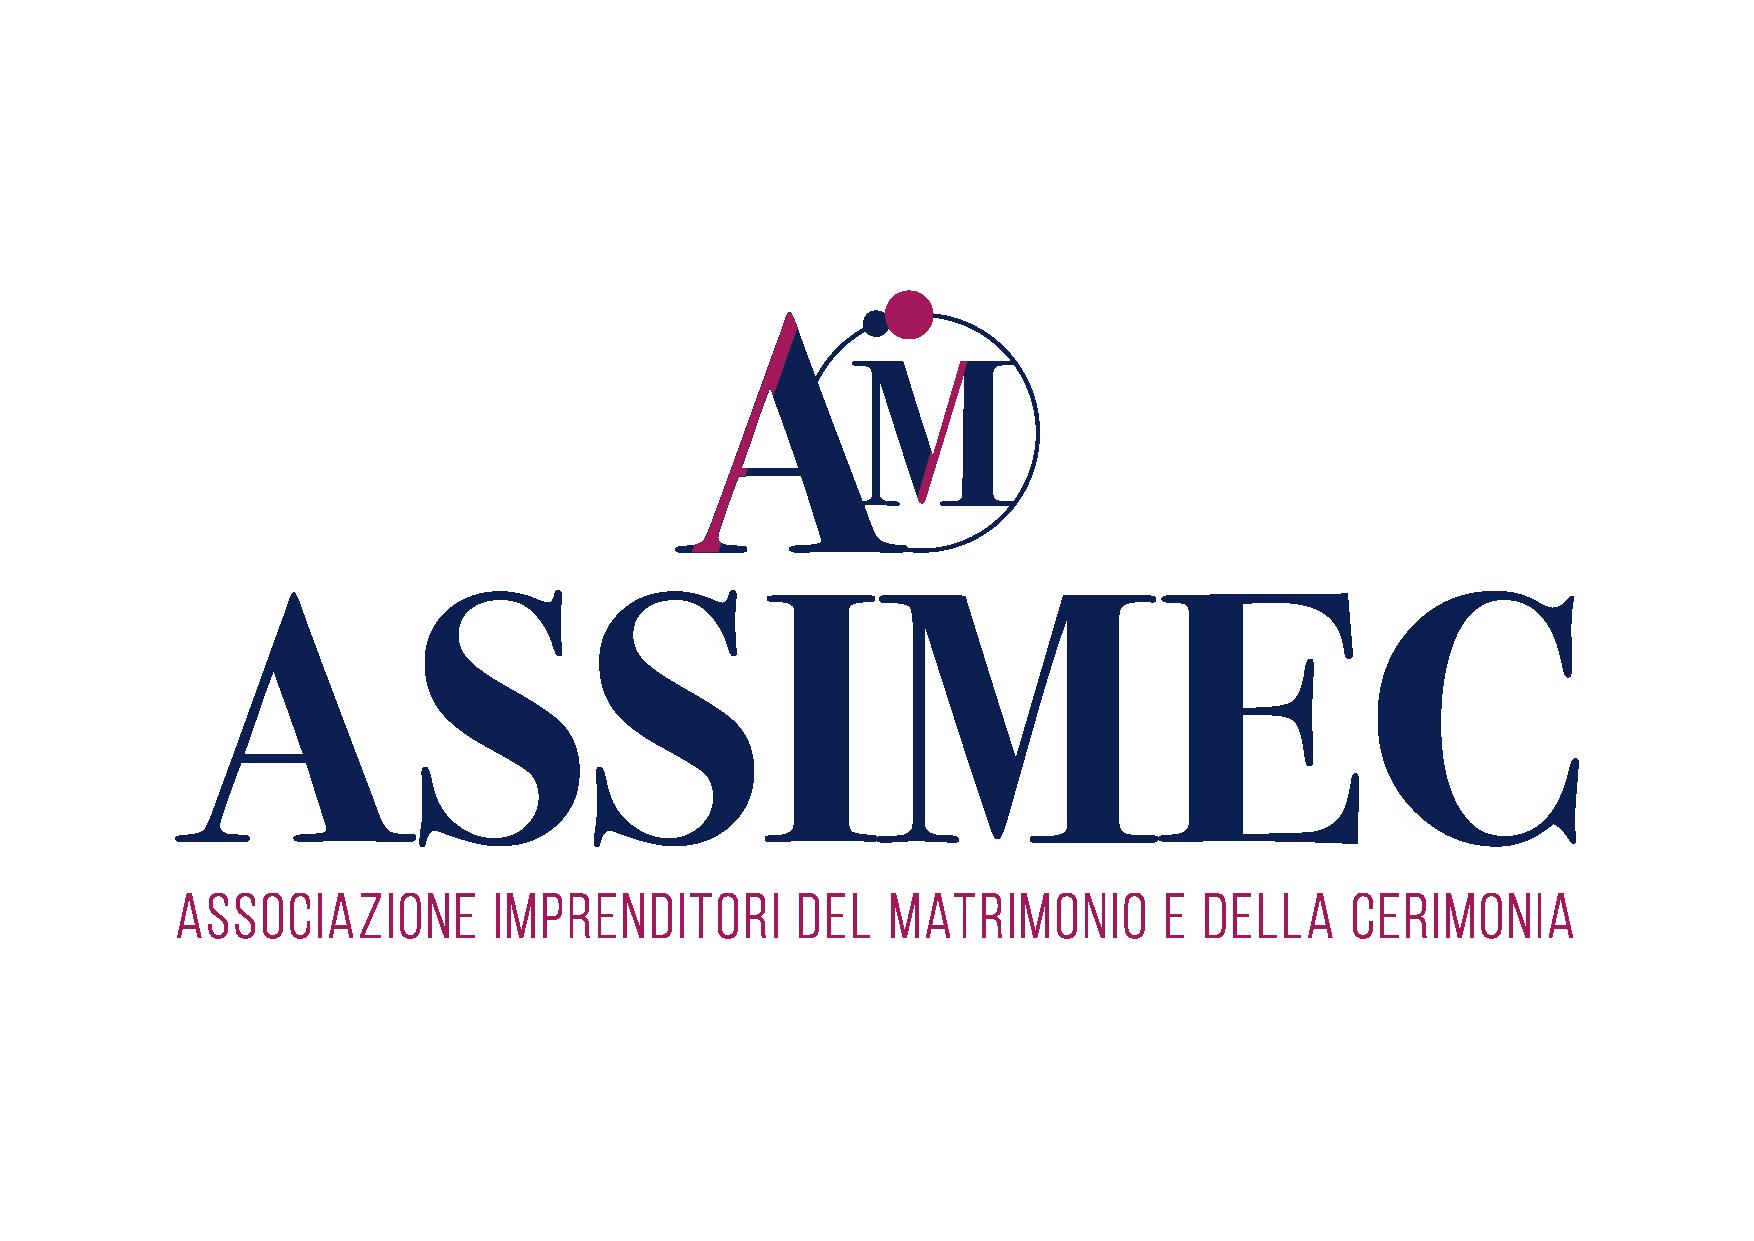 ASSIMEC